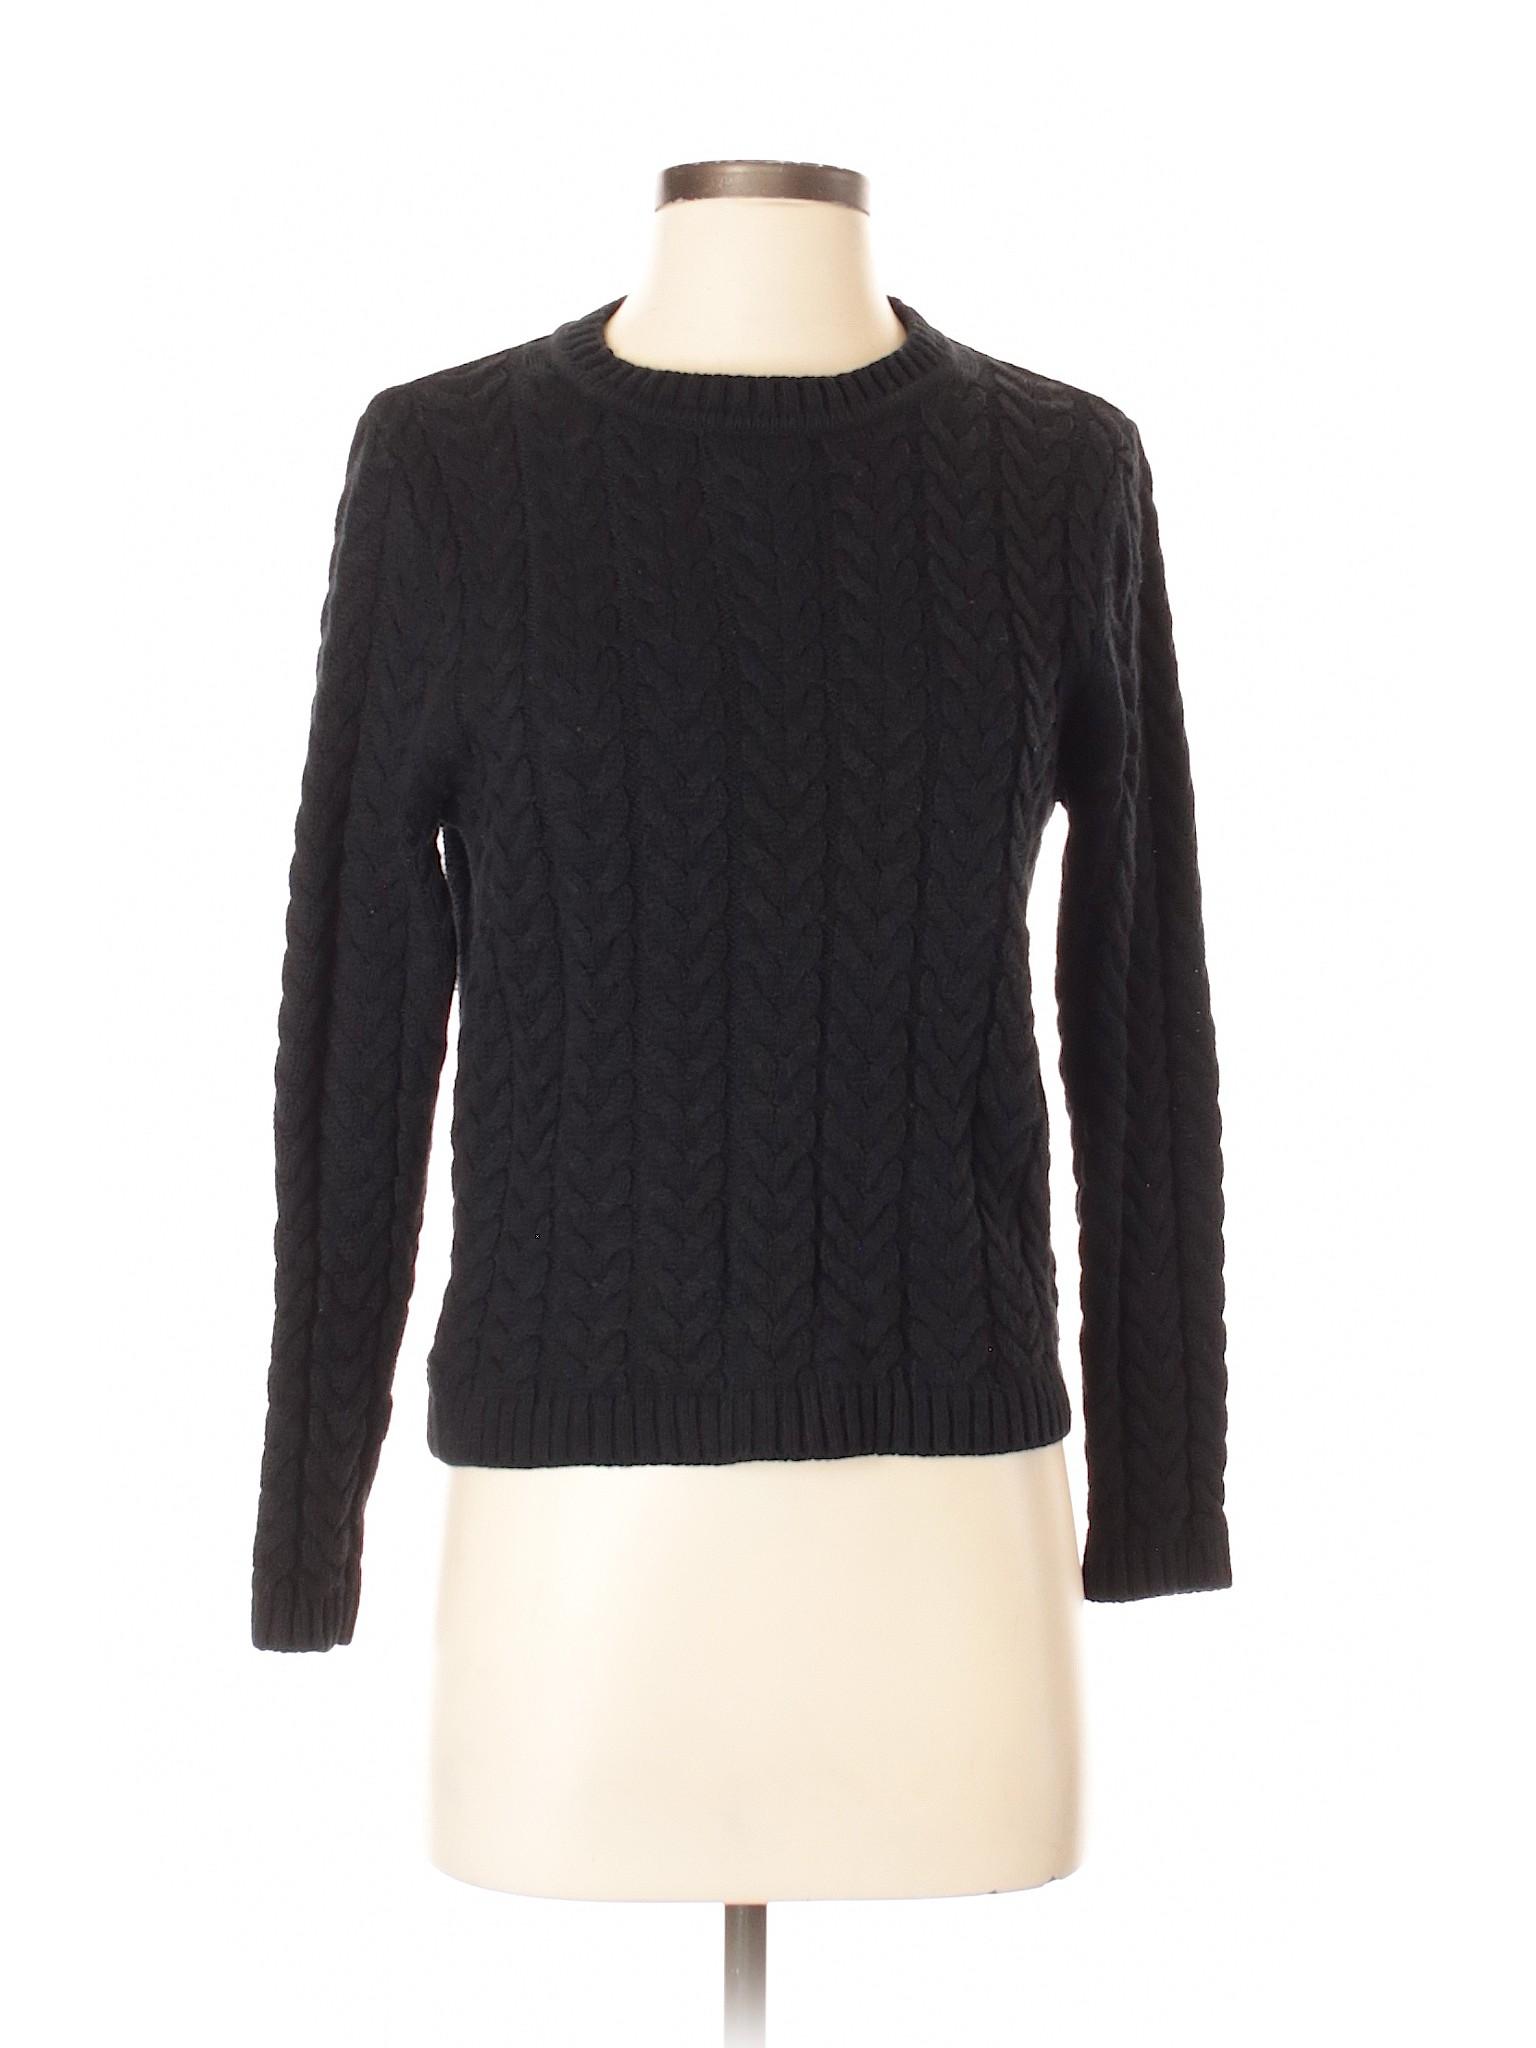 Boutique Sweater Pullover Cotton Cotton On Boutique YxOvwpqR